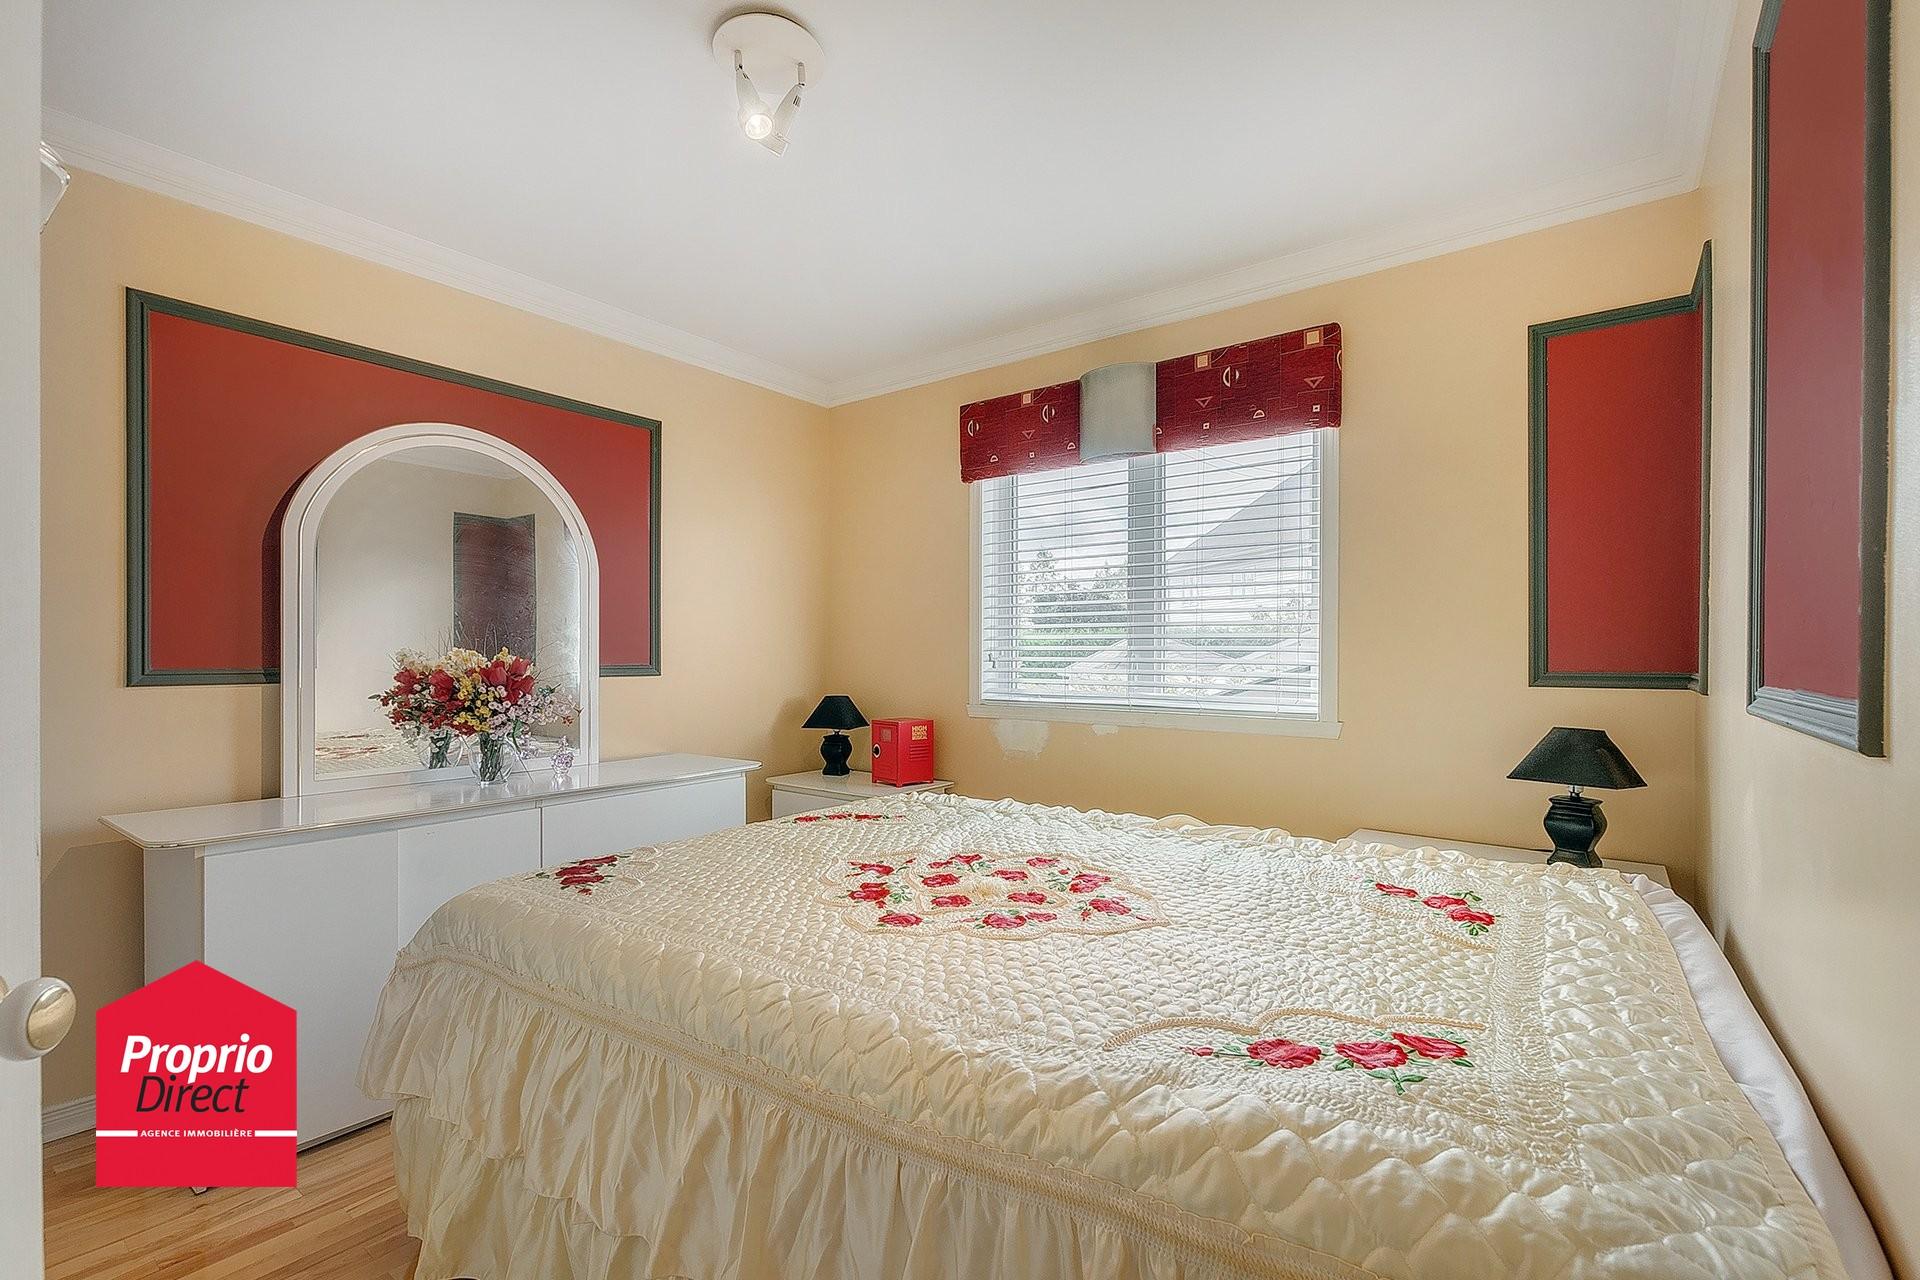 Maison de plain pied vendre 74 rue mile le gardeur for Acheter une chambre a coucher